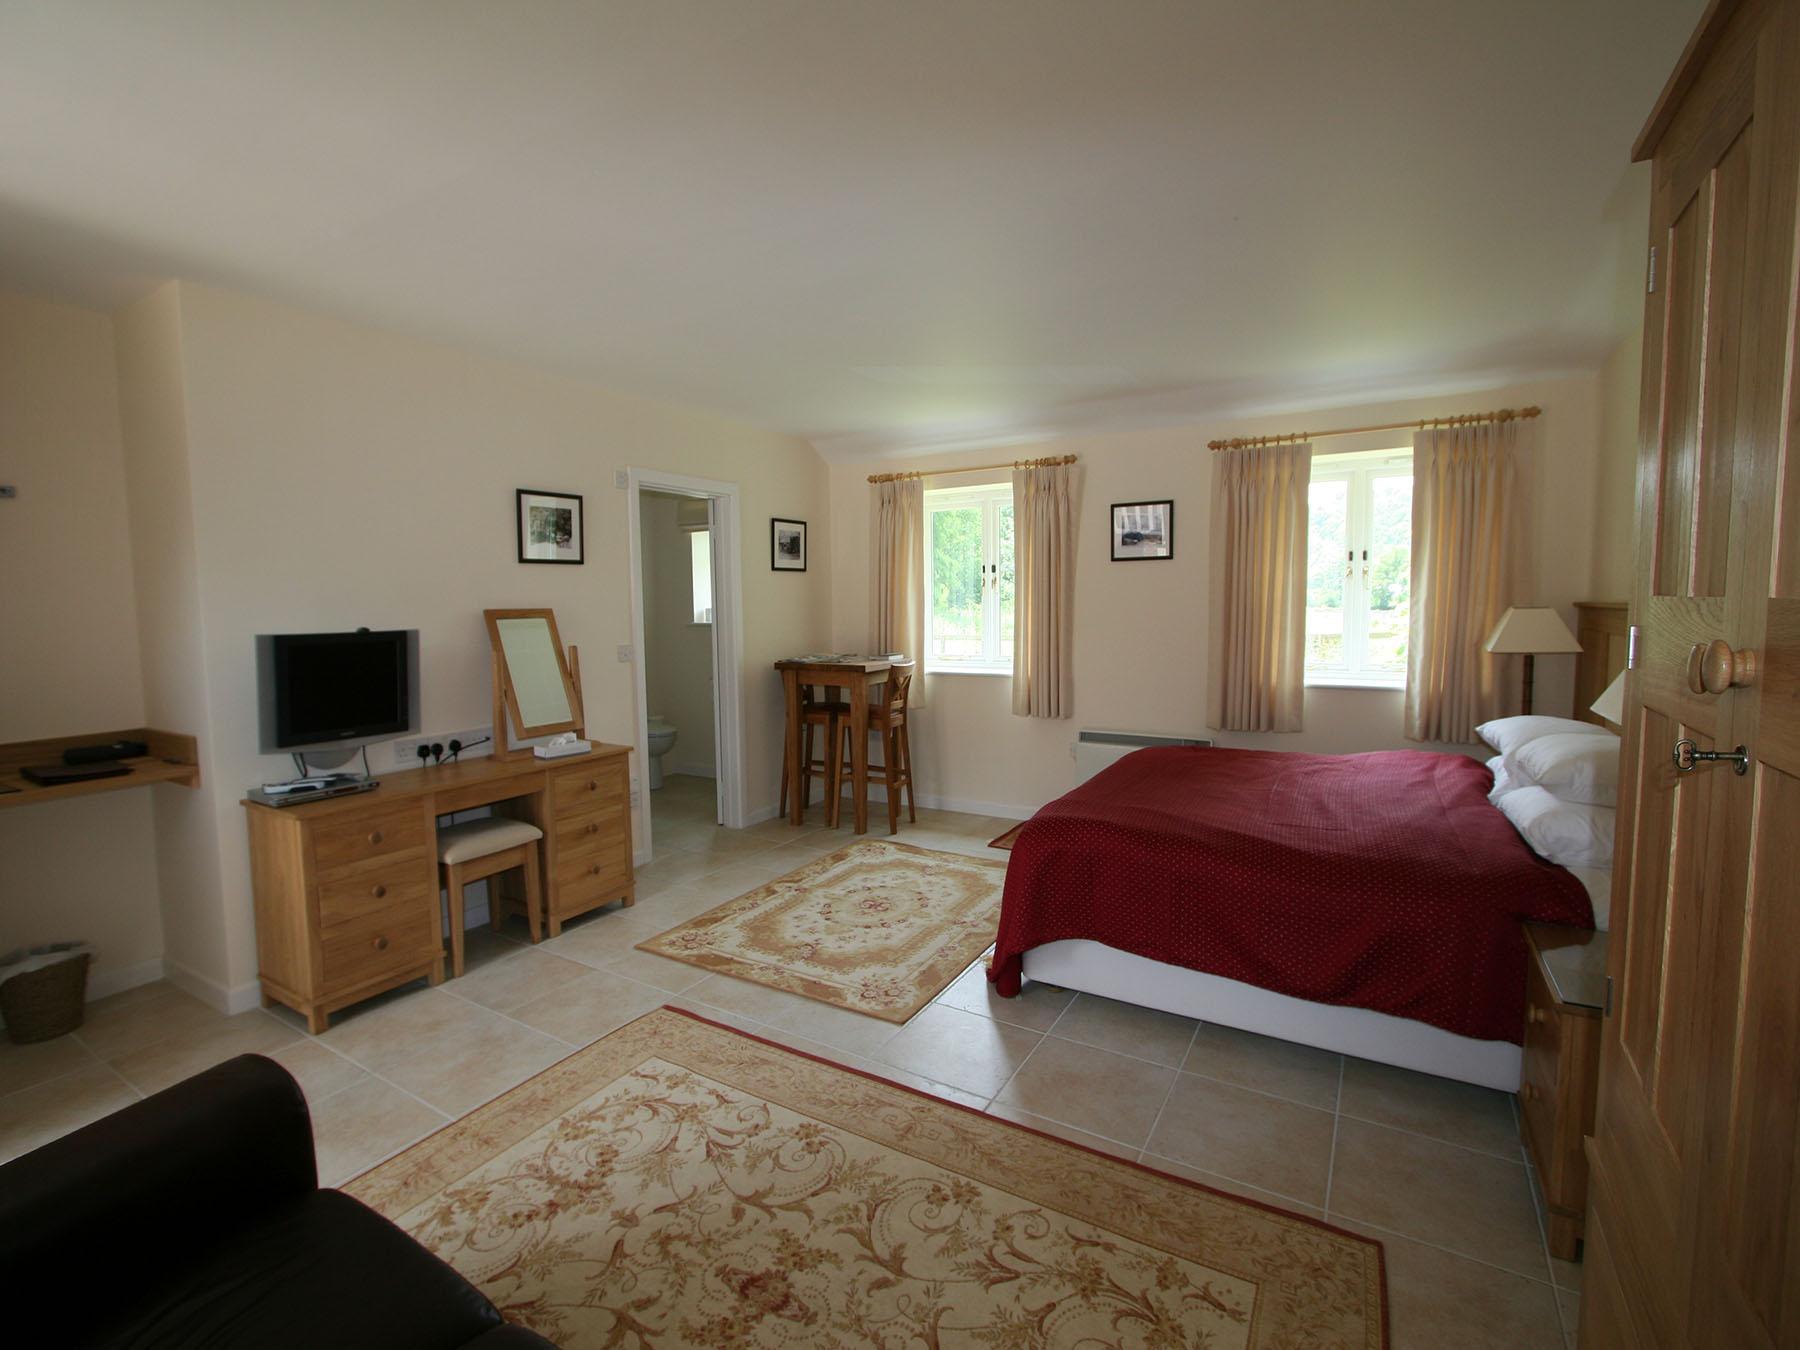 Annexe Room 1 at Chilgrove Farm B&B